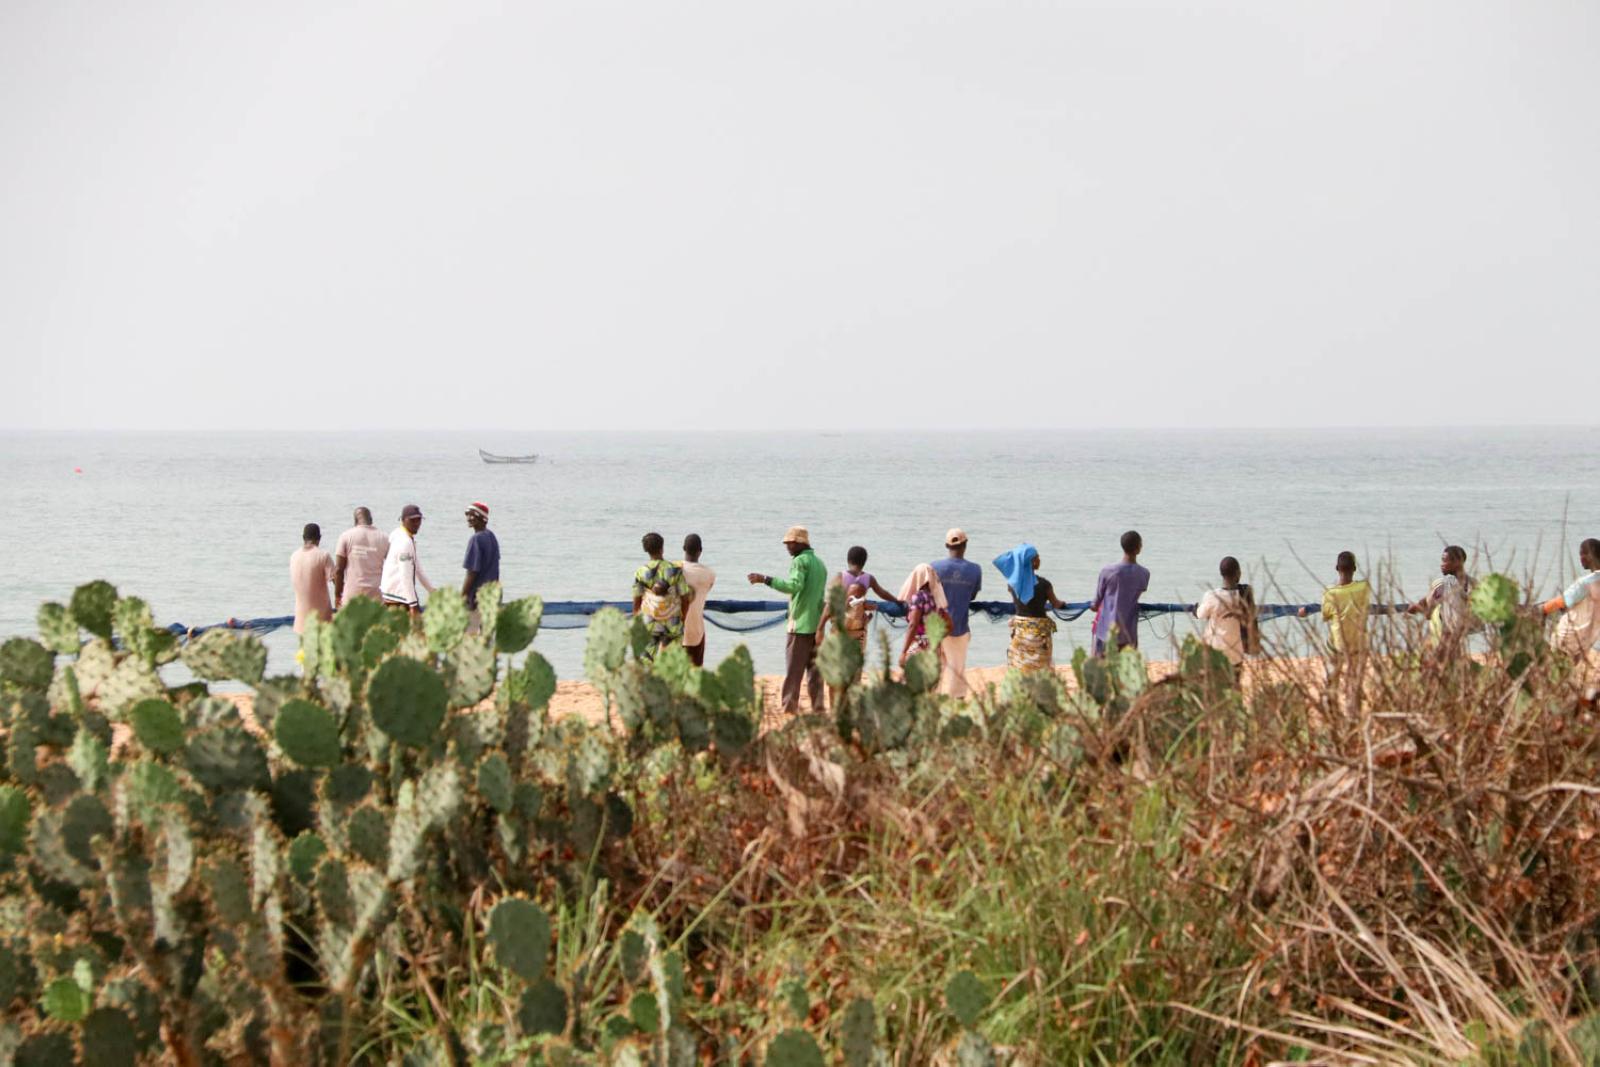 Fischer an der Route des Pêches in Benin: Eine schöne Sandpiste führt entlang der Küste.